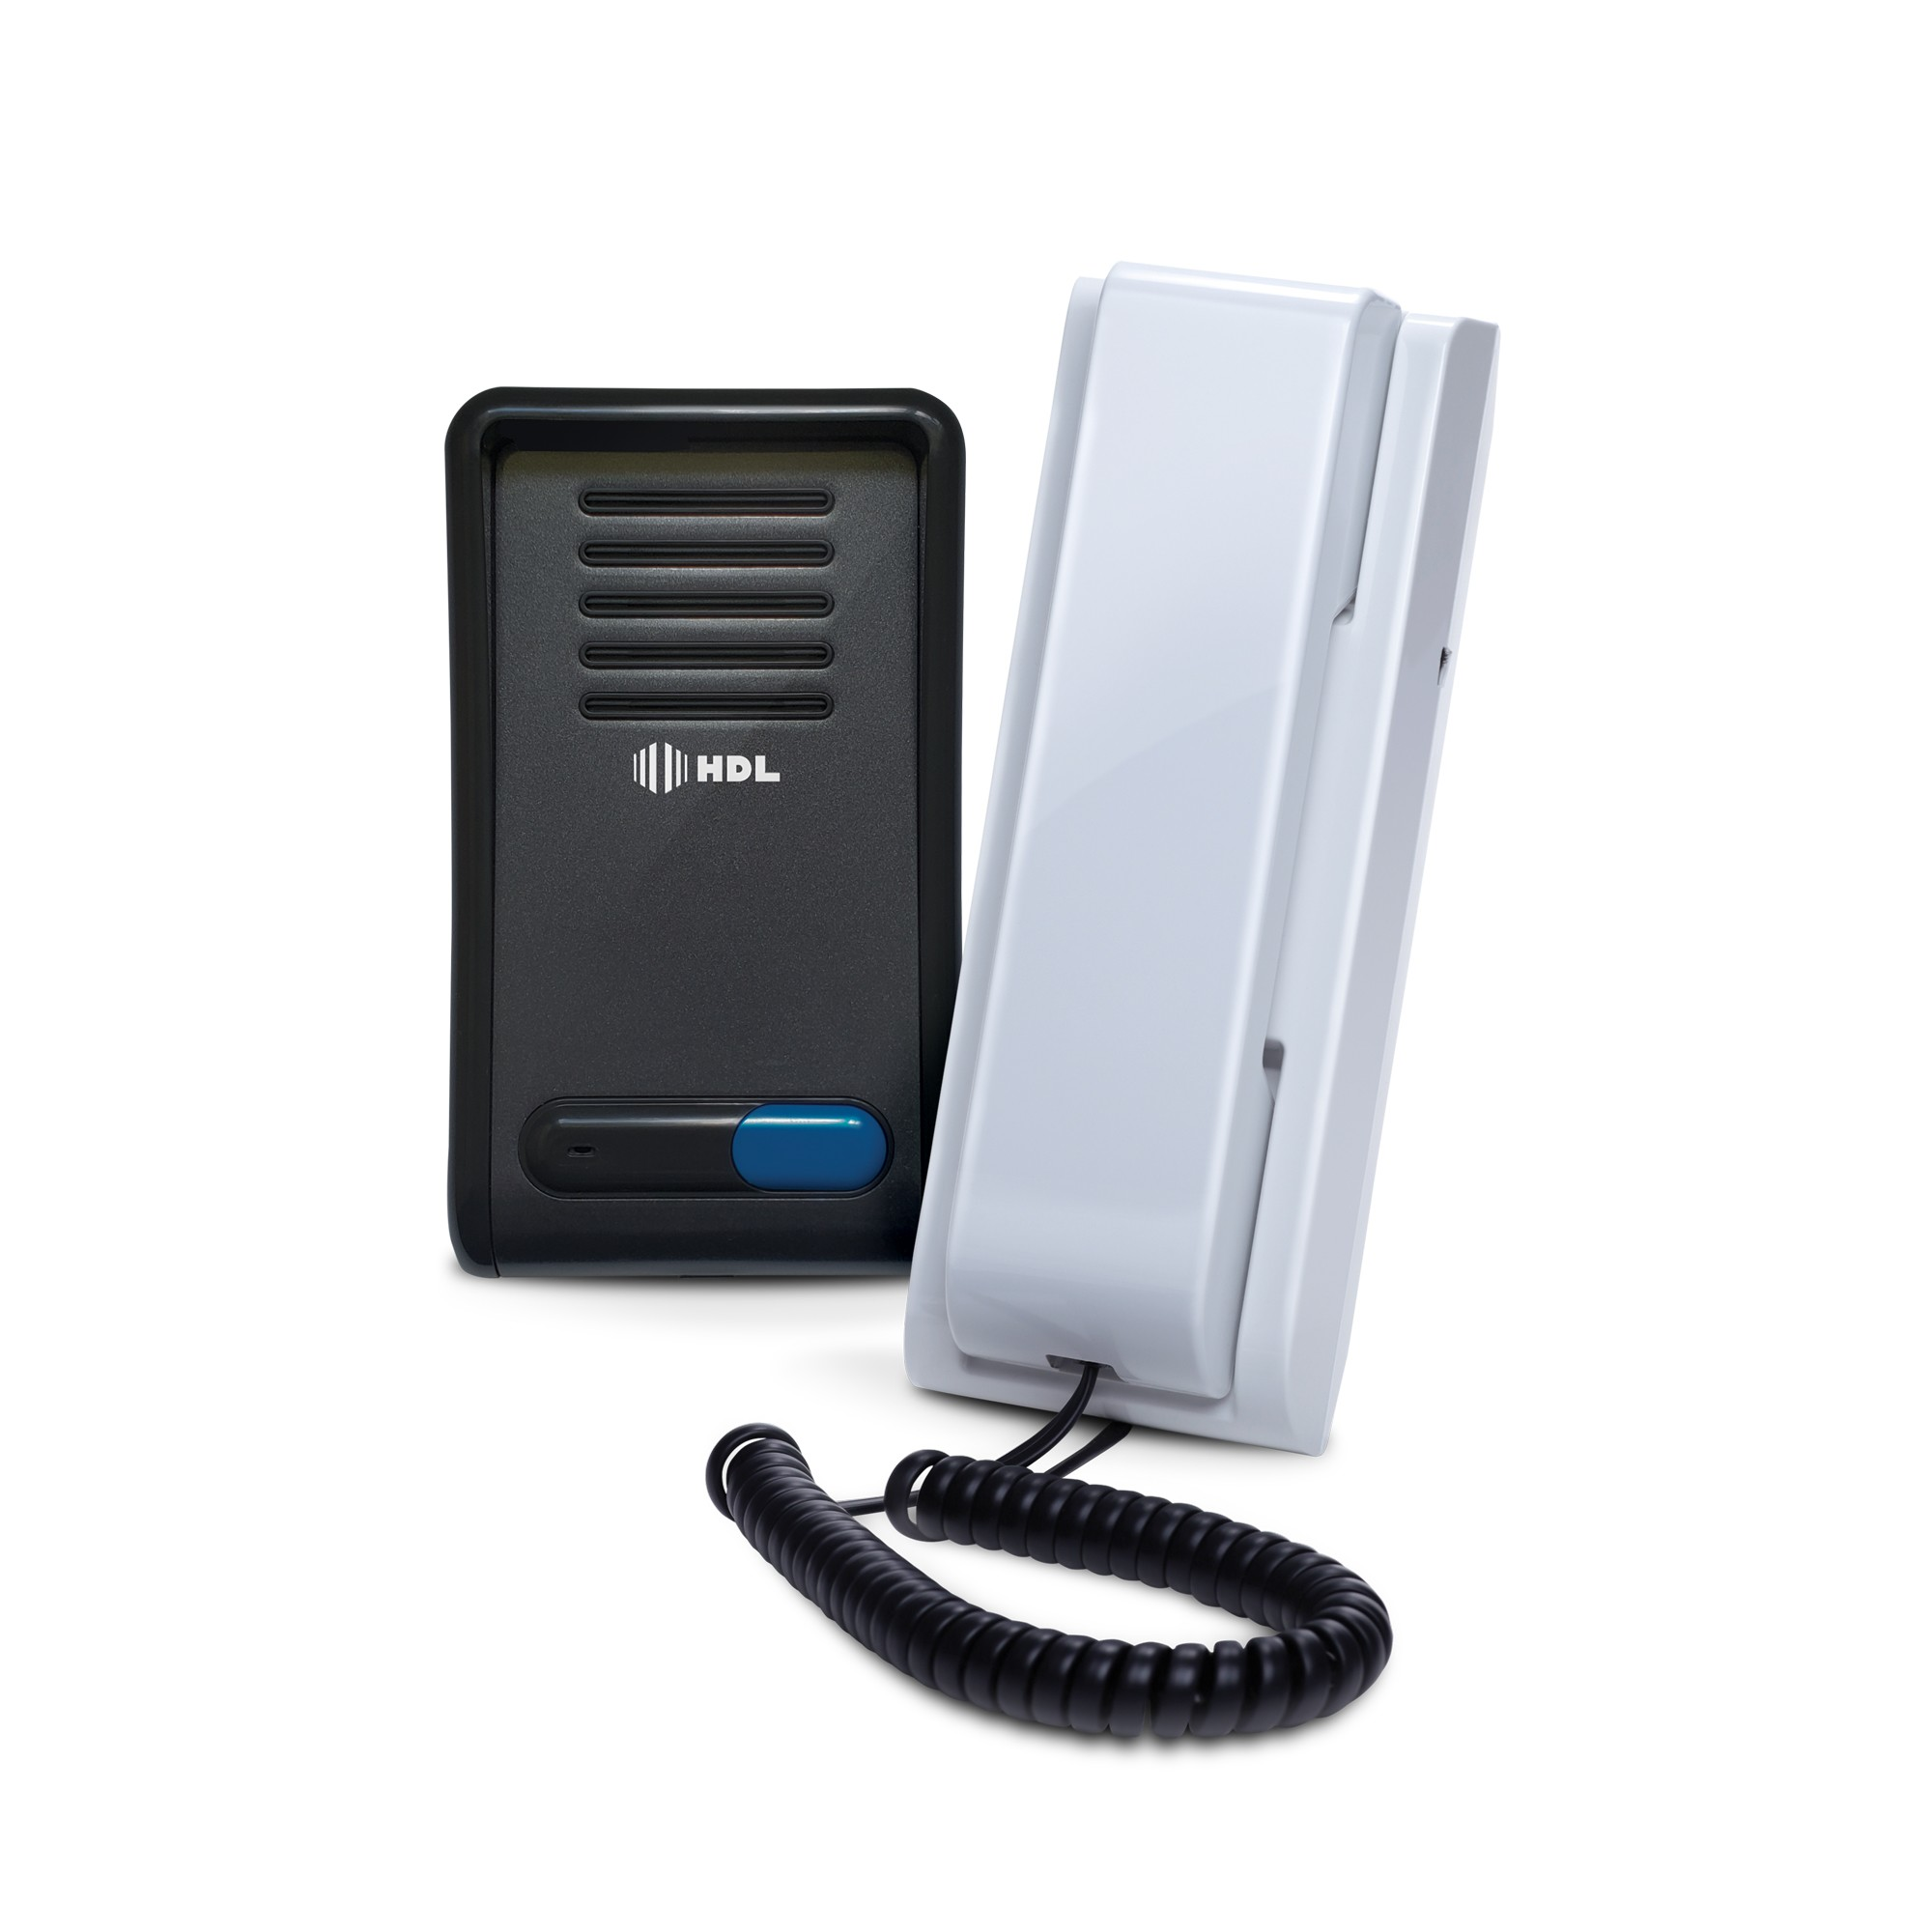 Porteiro Eletronico com Interfone F8-SN Grafite - HDL